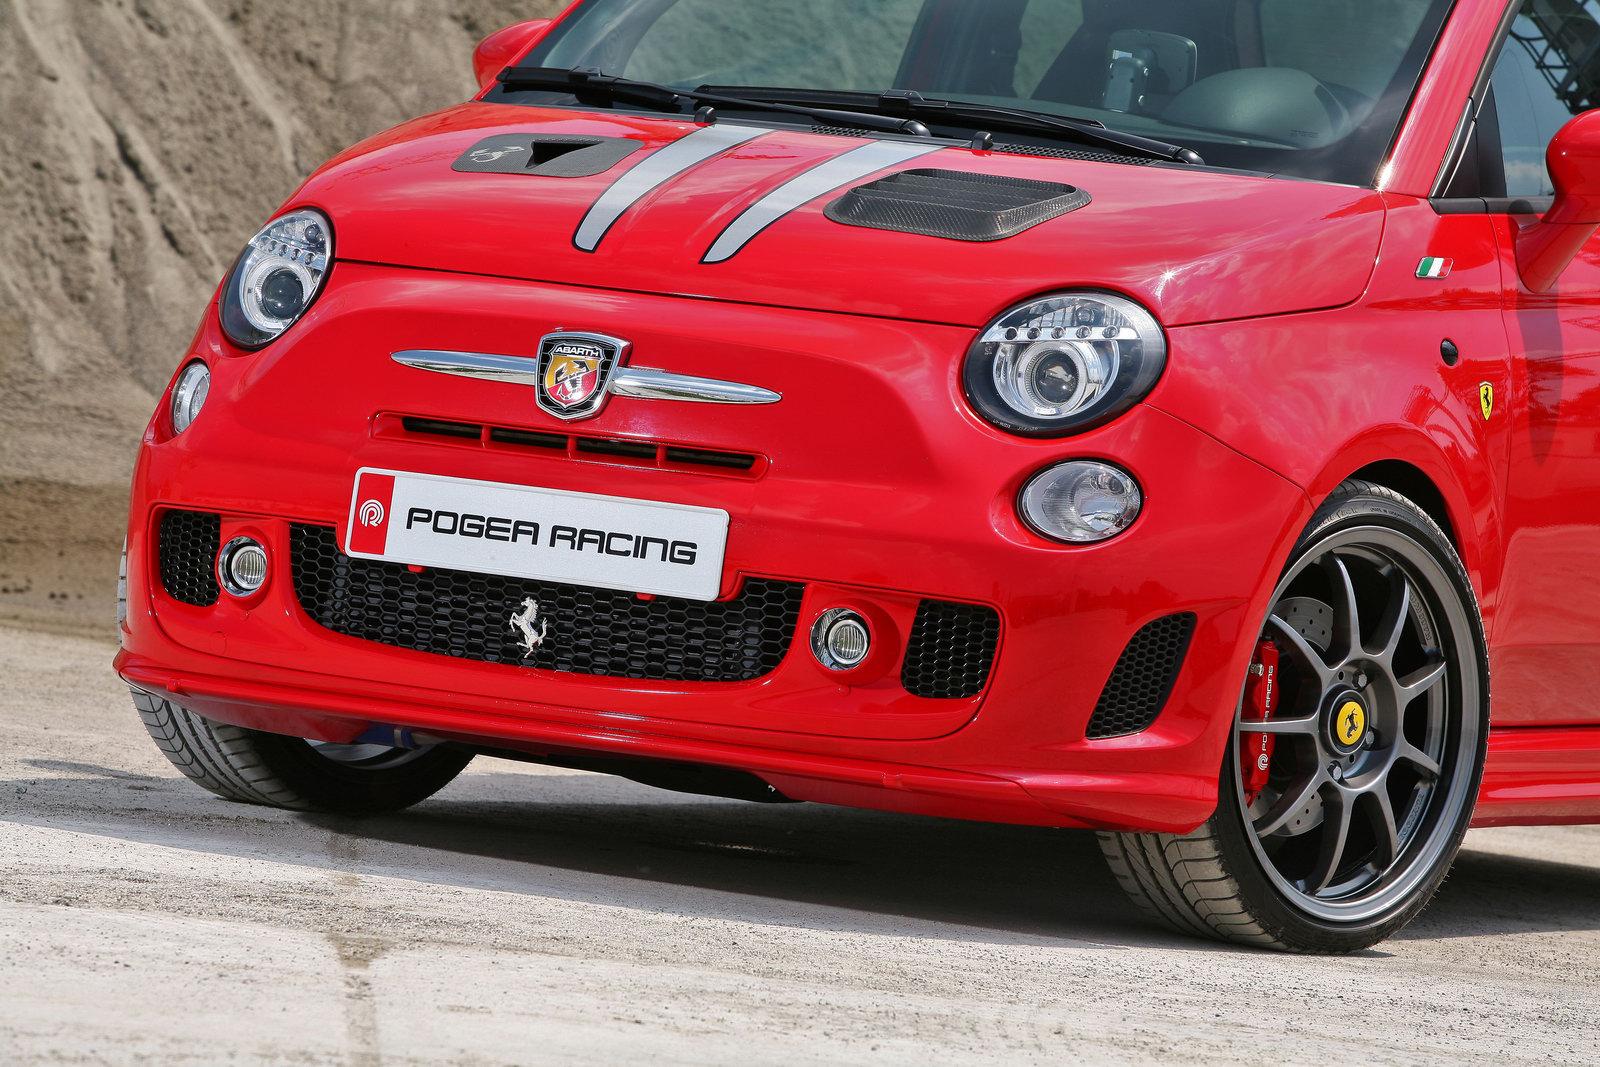 http://3.bp.blogspot.com/_D_RRrIu8FXM/TC2qcwuU1aI/AAAAAAAAMrc/qMbzqmG8TwI/s1600/Fiat+500+F-Edition+(73)pogea.JPG